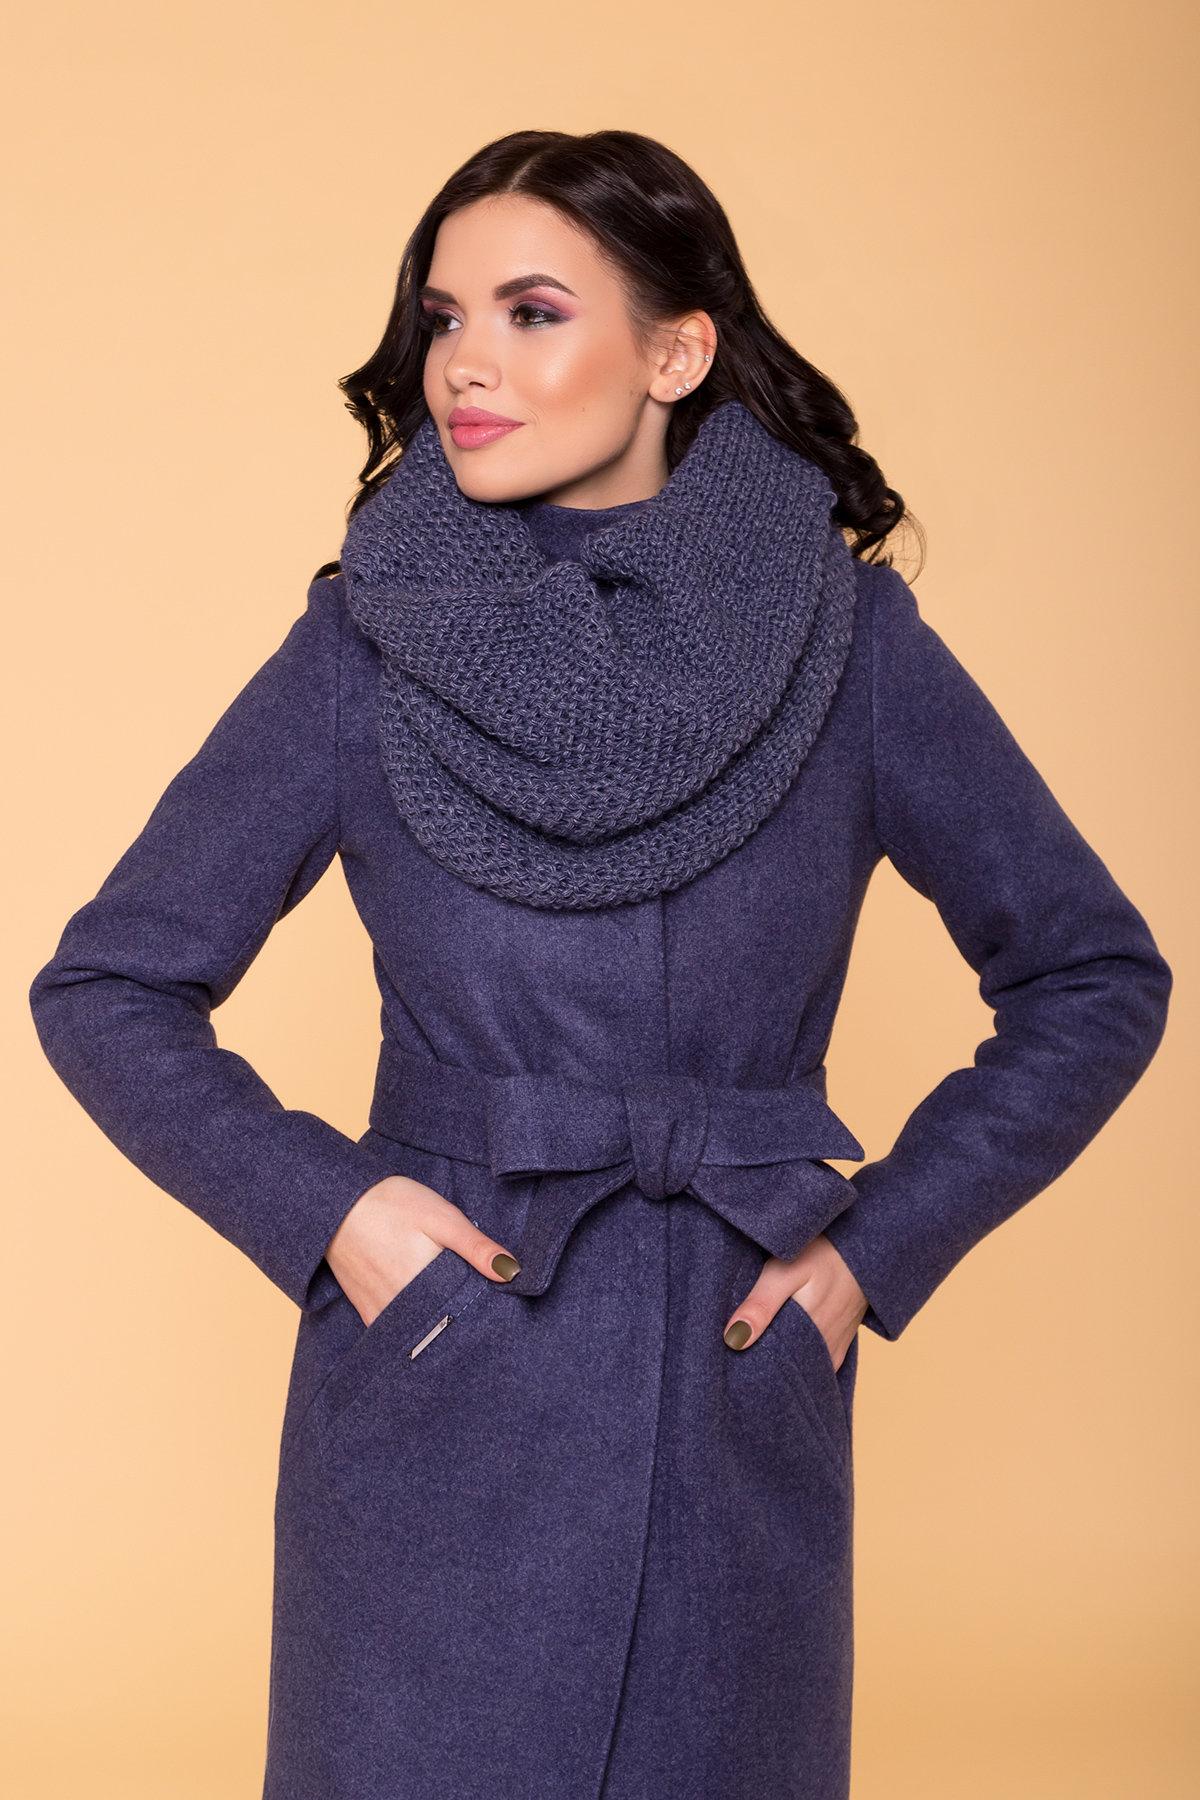 Пальто зима (шарф-хомут в комплекте) Люцея 5884 АРТ. 39421 Цвет: Джинс 57 - фото 5, интернет магазин tm-modus.ru